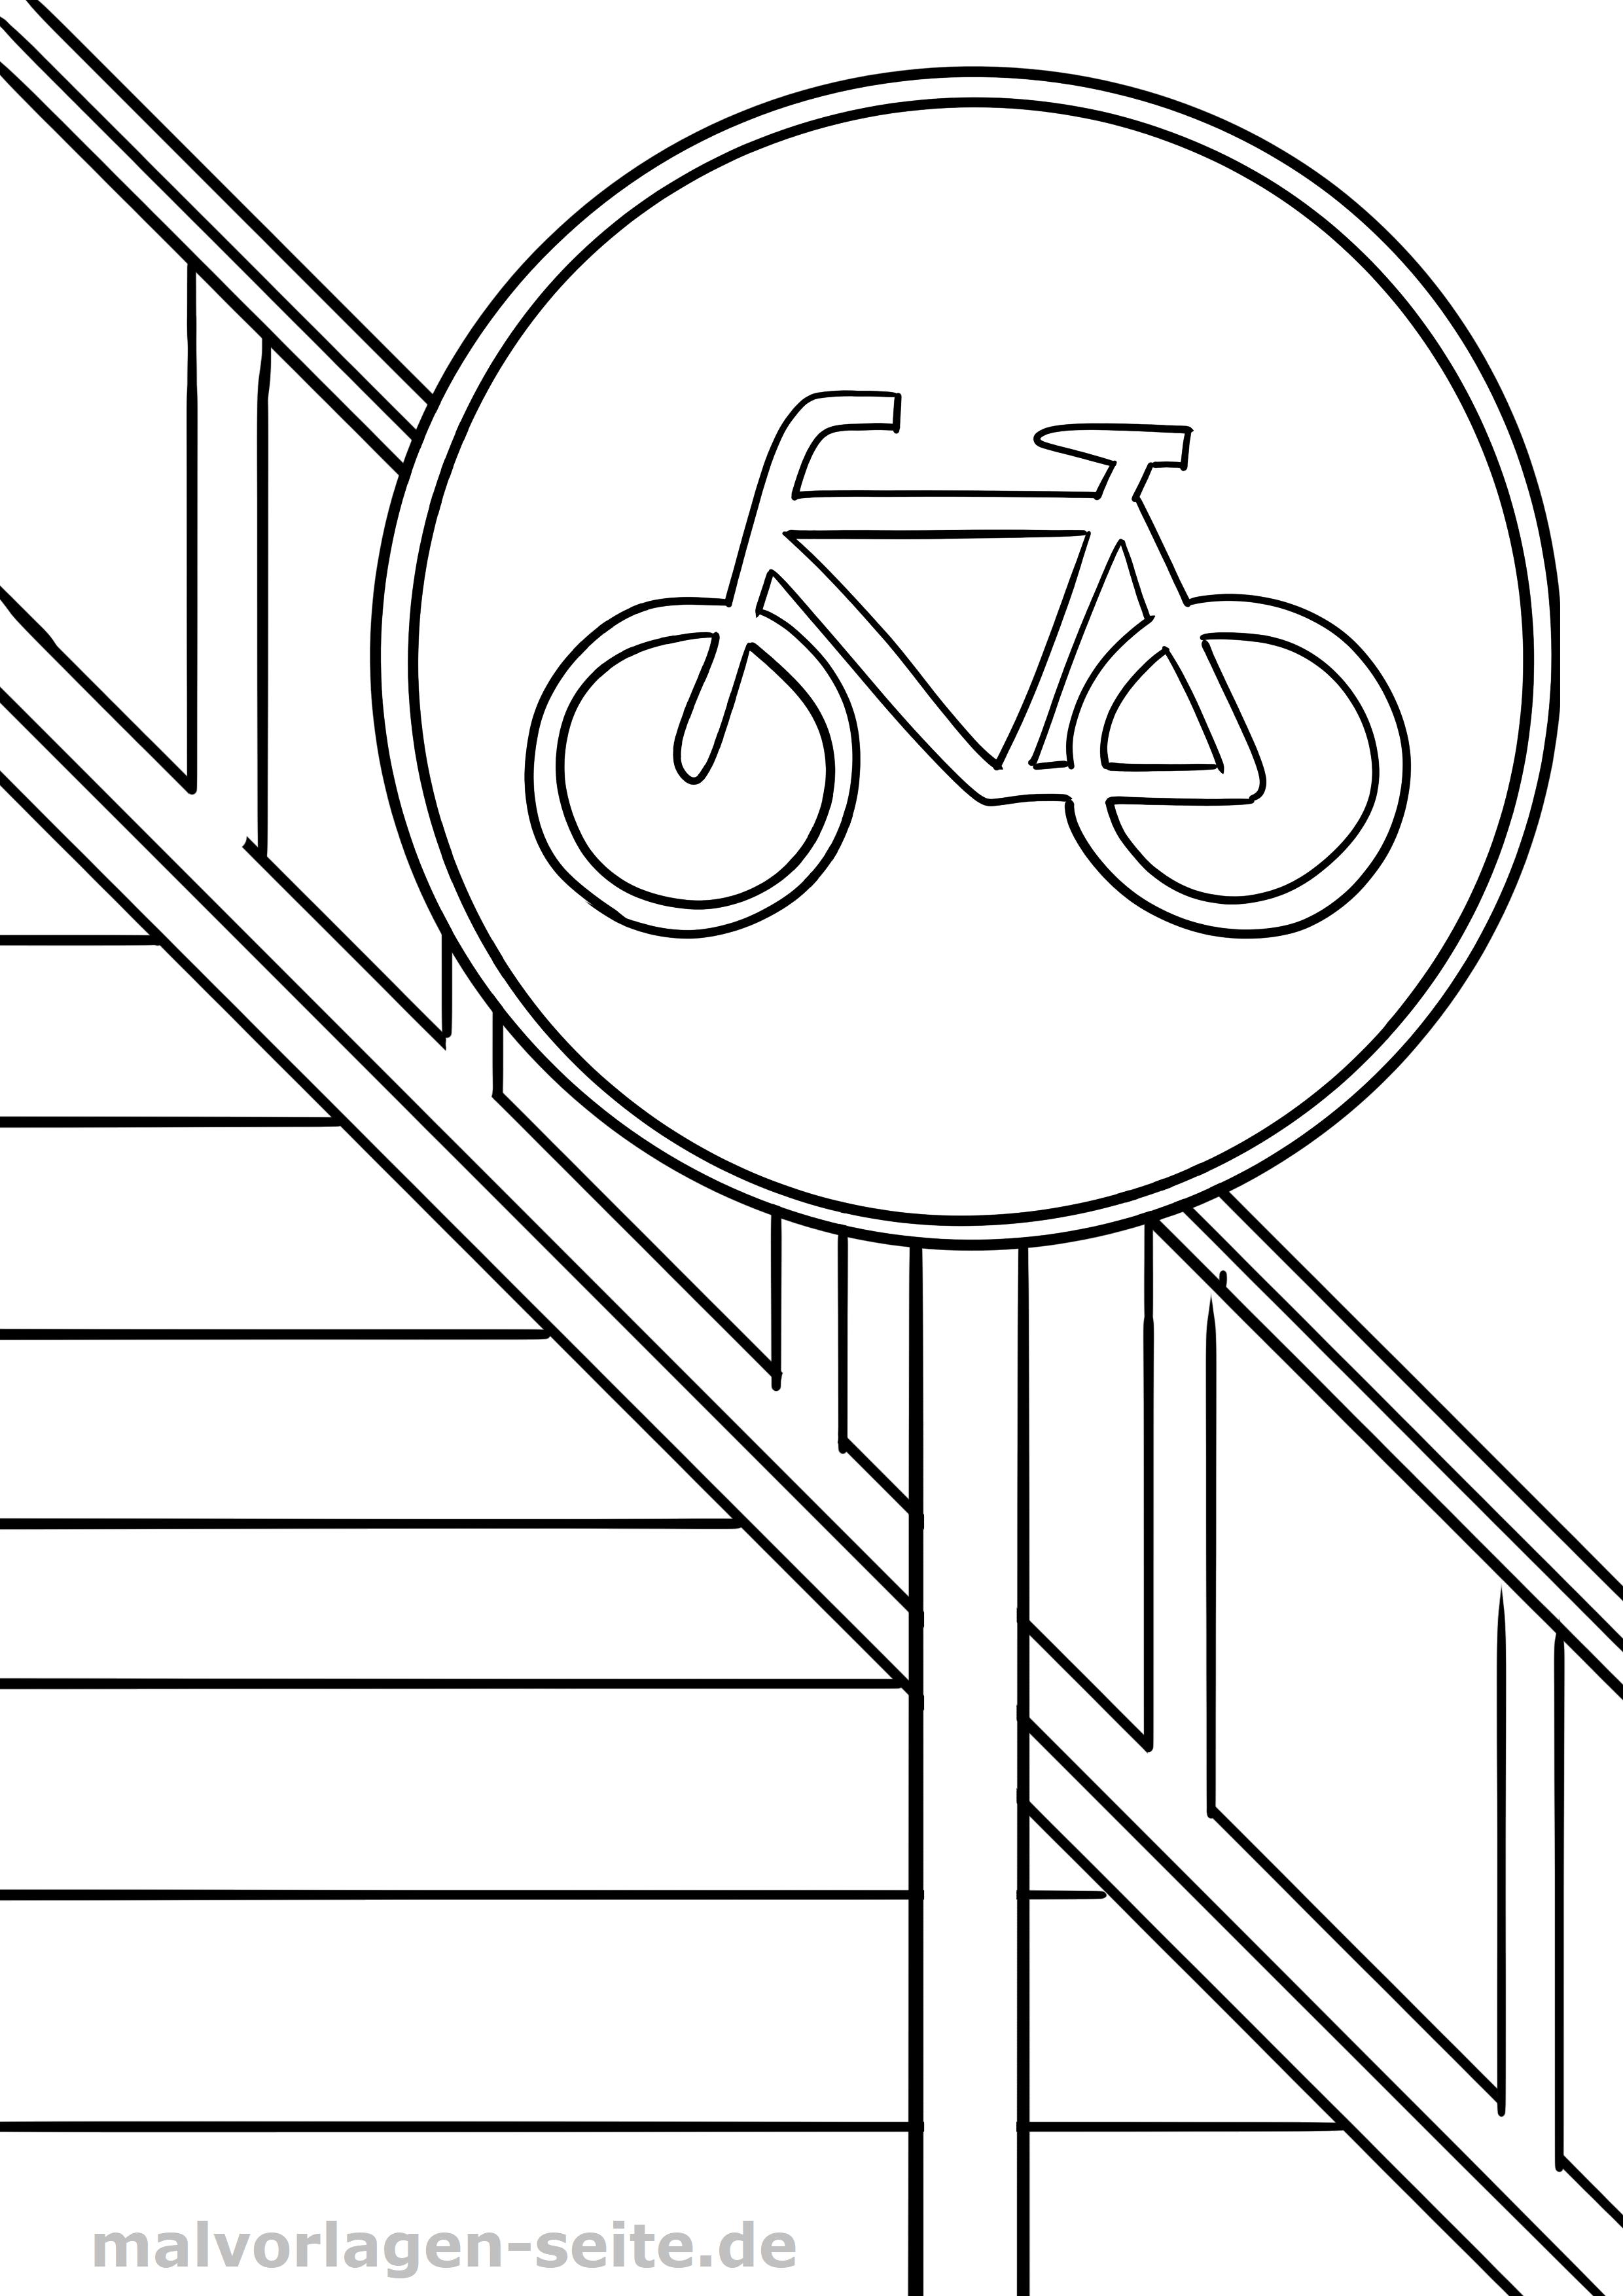 Verkehrszeichen Radweg Malvorlage Gratis Malvorlagen Zum Download